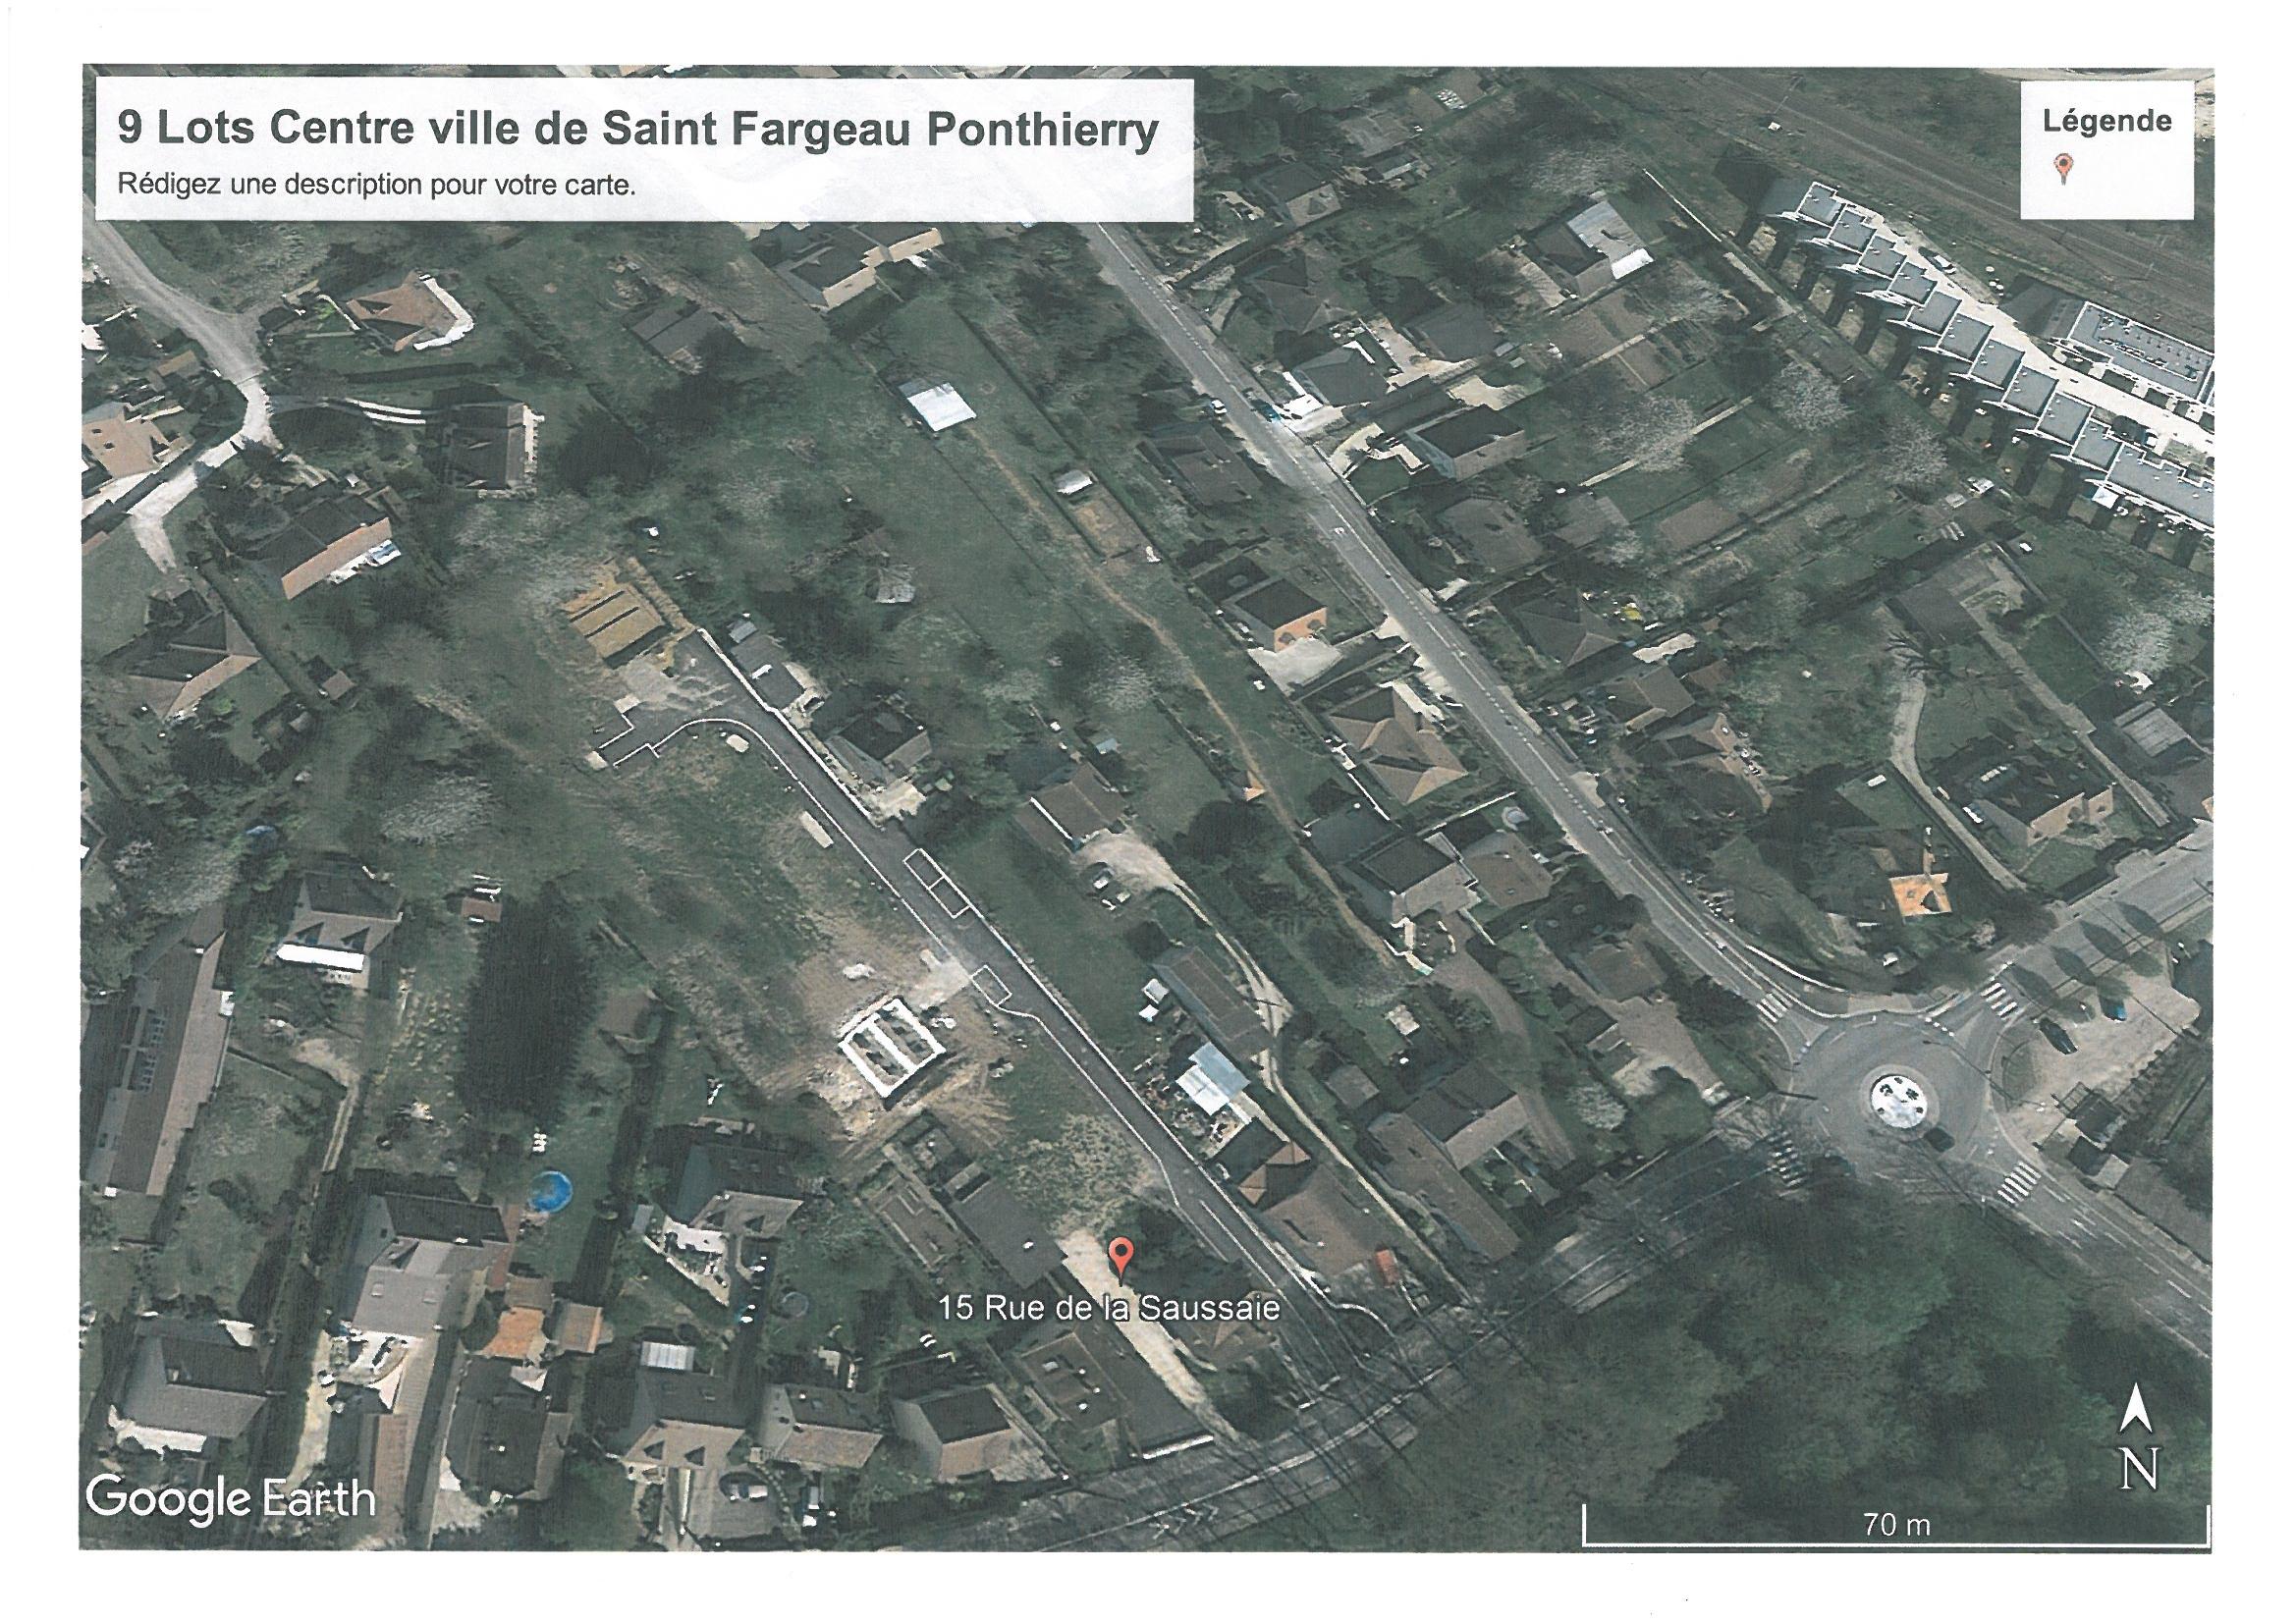 Saint fargeau ponthierry seine et marne 77 sur le site de logis terr - Piscine saint fargeau ponthierry ...